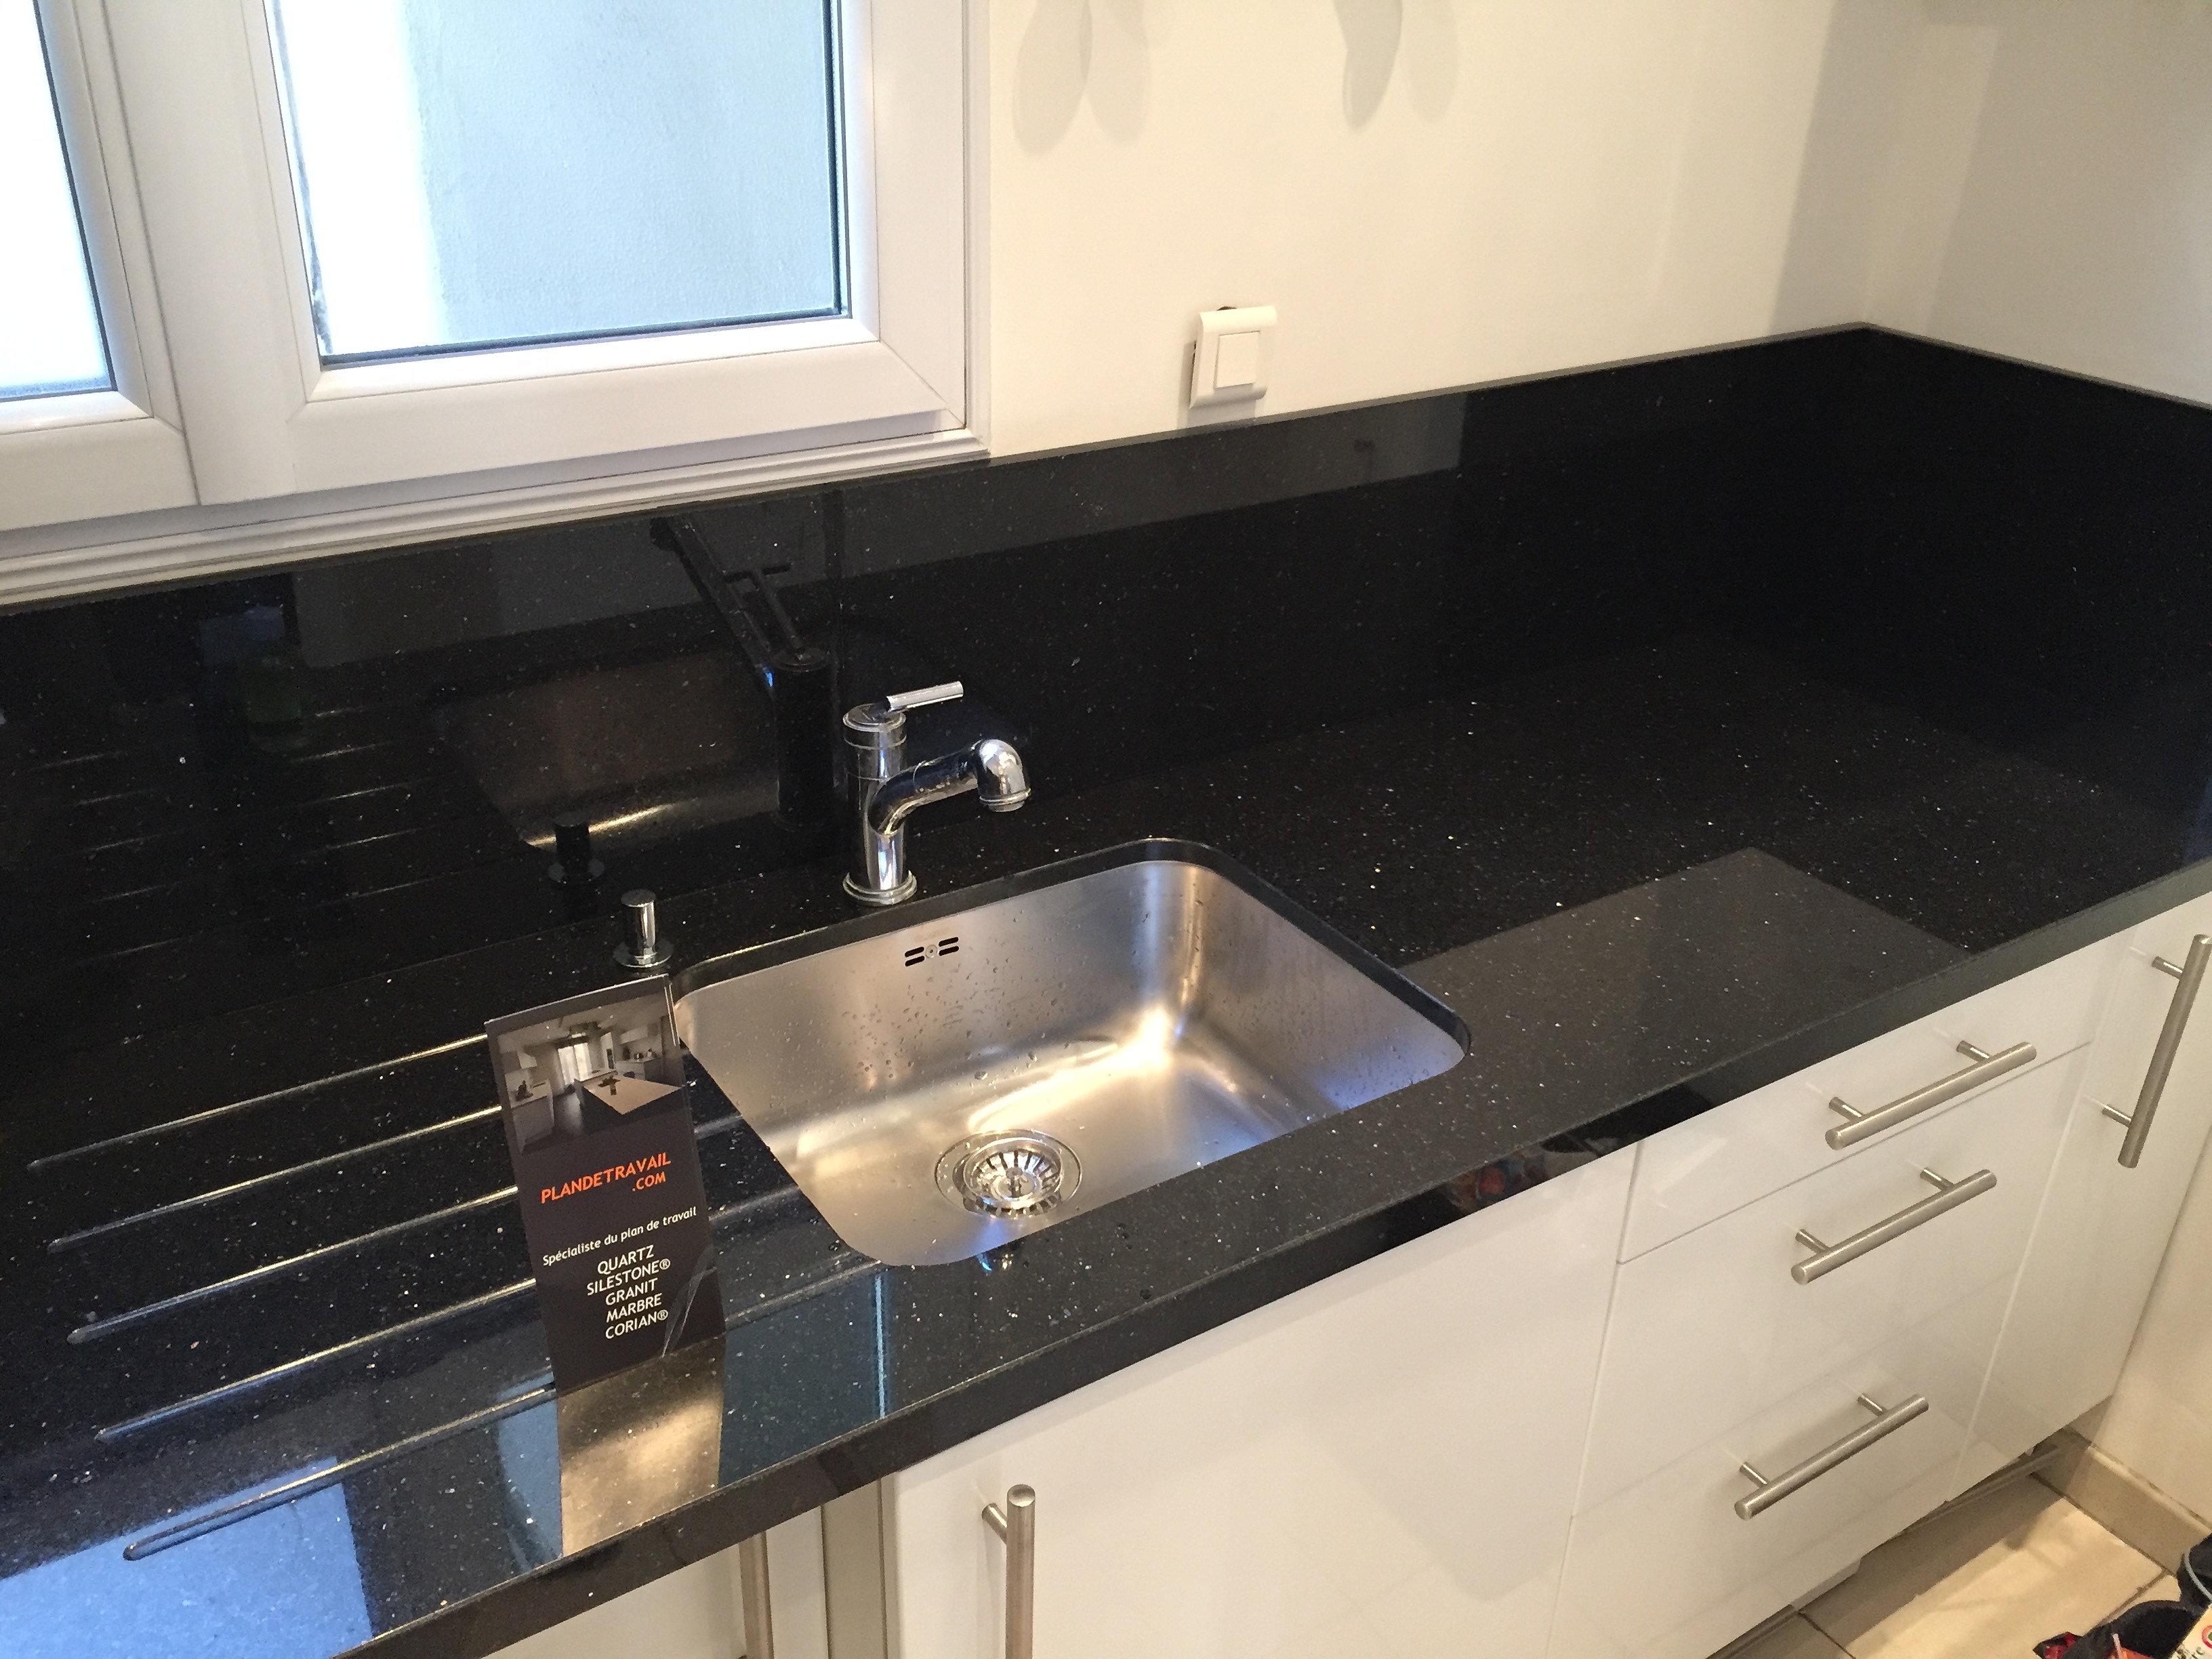 plan de travail granit quartz table en mabre paris. Black Bedroom Furniture Sets. Home Design Ideas